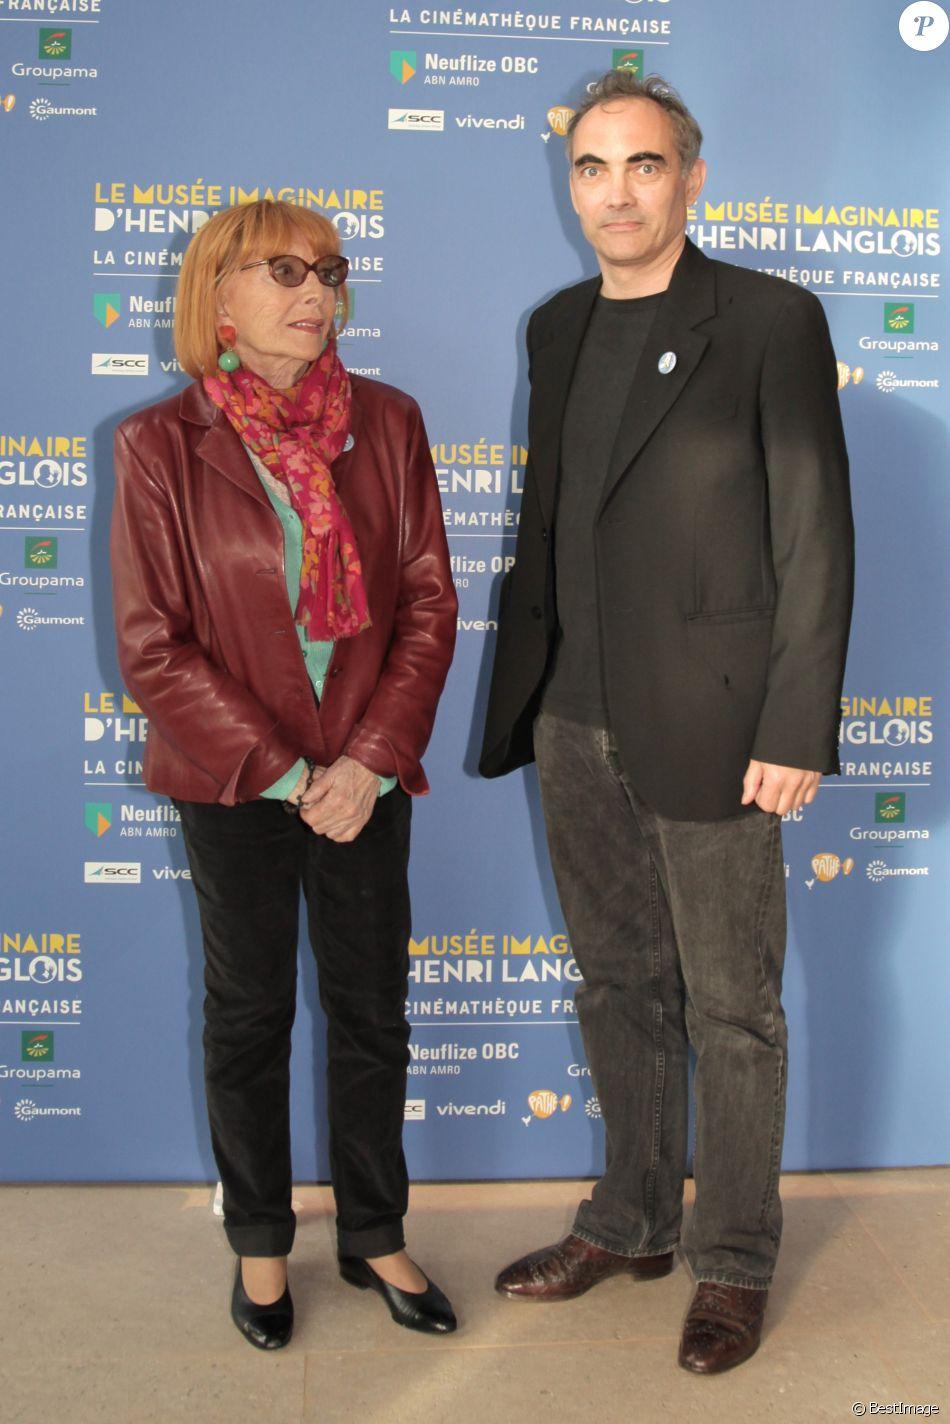 """Stéphane Audran et Thomas Chabrol - Vernissage de l'exposition """"Le musée imaginaire d'Henri Langlois"""" à la Cinémathèque de Paris. Le 7 avril 2014"""